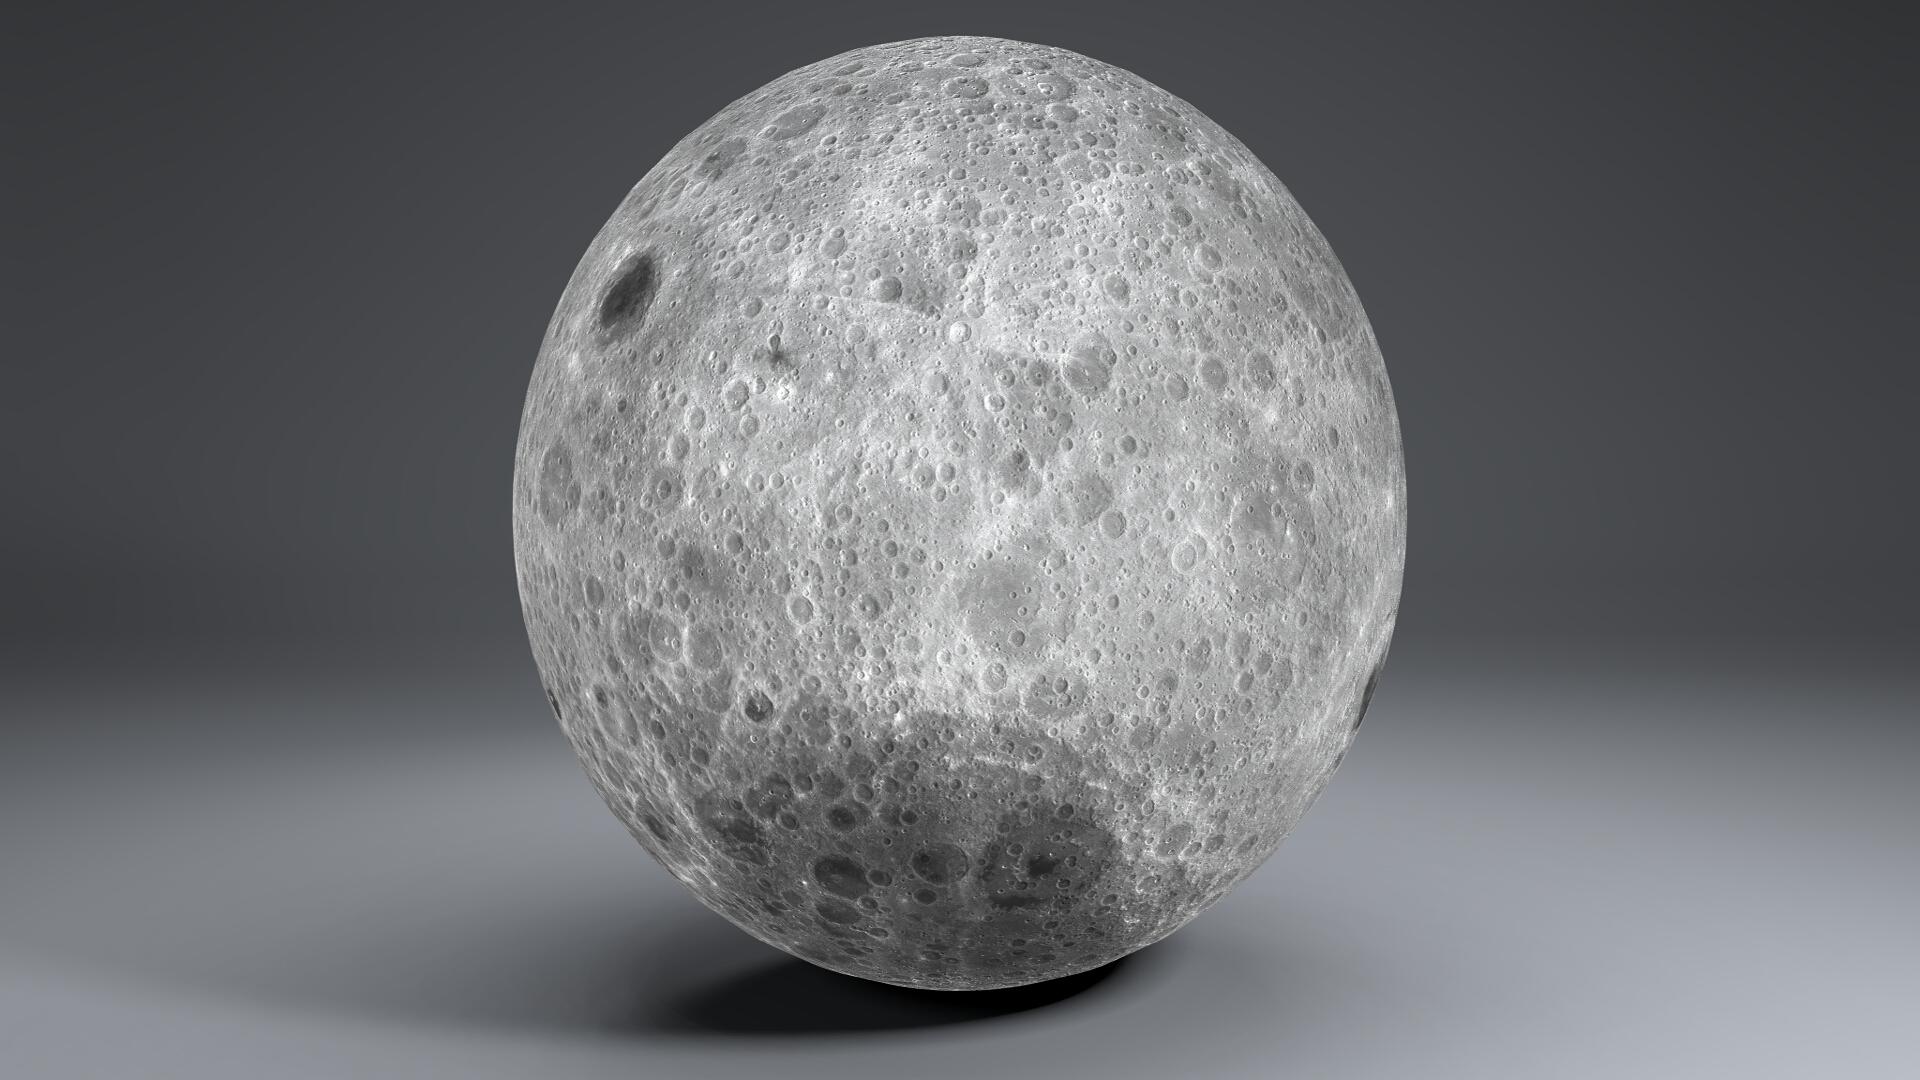 moon globe 23k 3d model 3ds fbx blend dae obj 222142